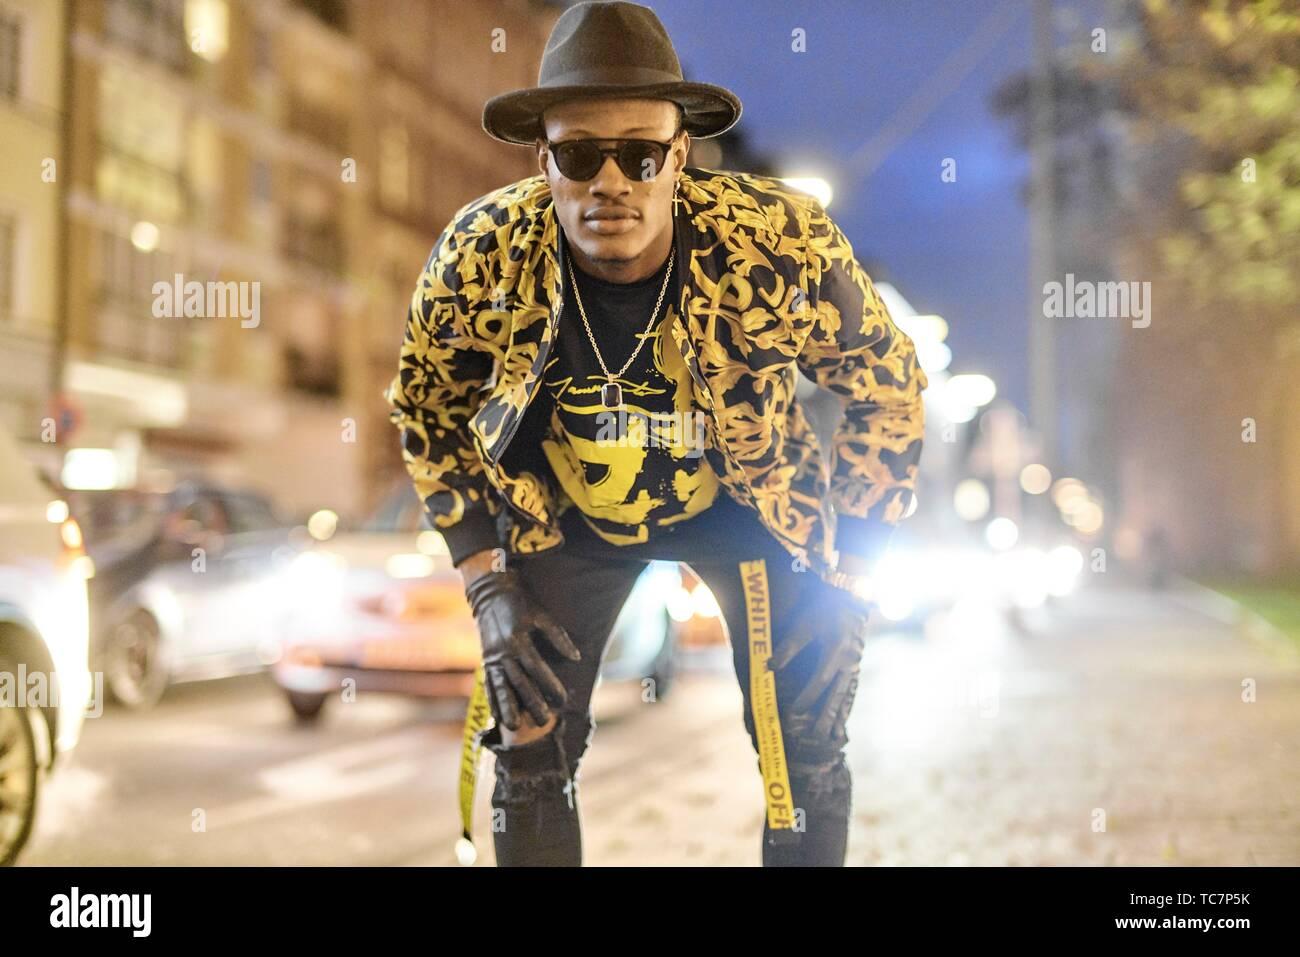 Homme fantaisie au city street at night, voiture, attitude prétentieuse, Cool attitude, tenue élégante, à Munich, en Allemagne. Photo Stock